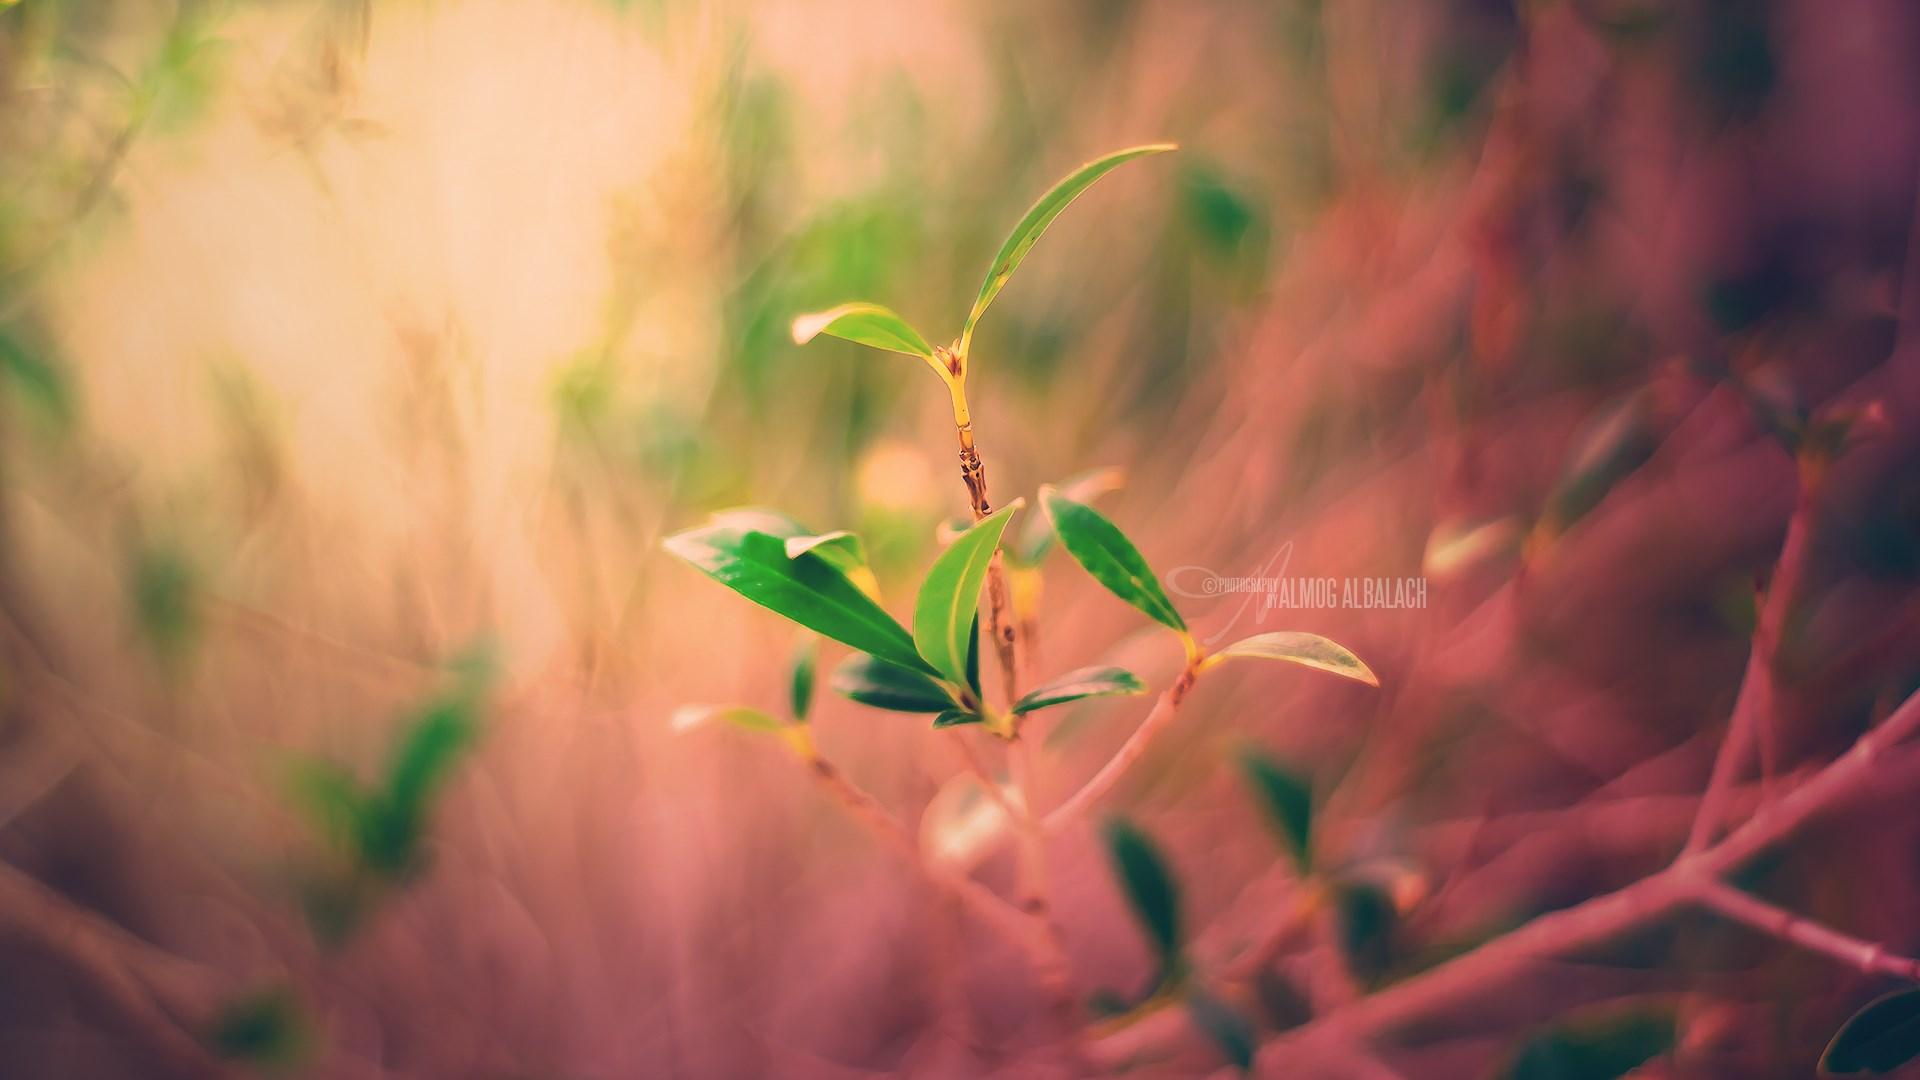 листья дерево фокус бесплатно